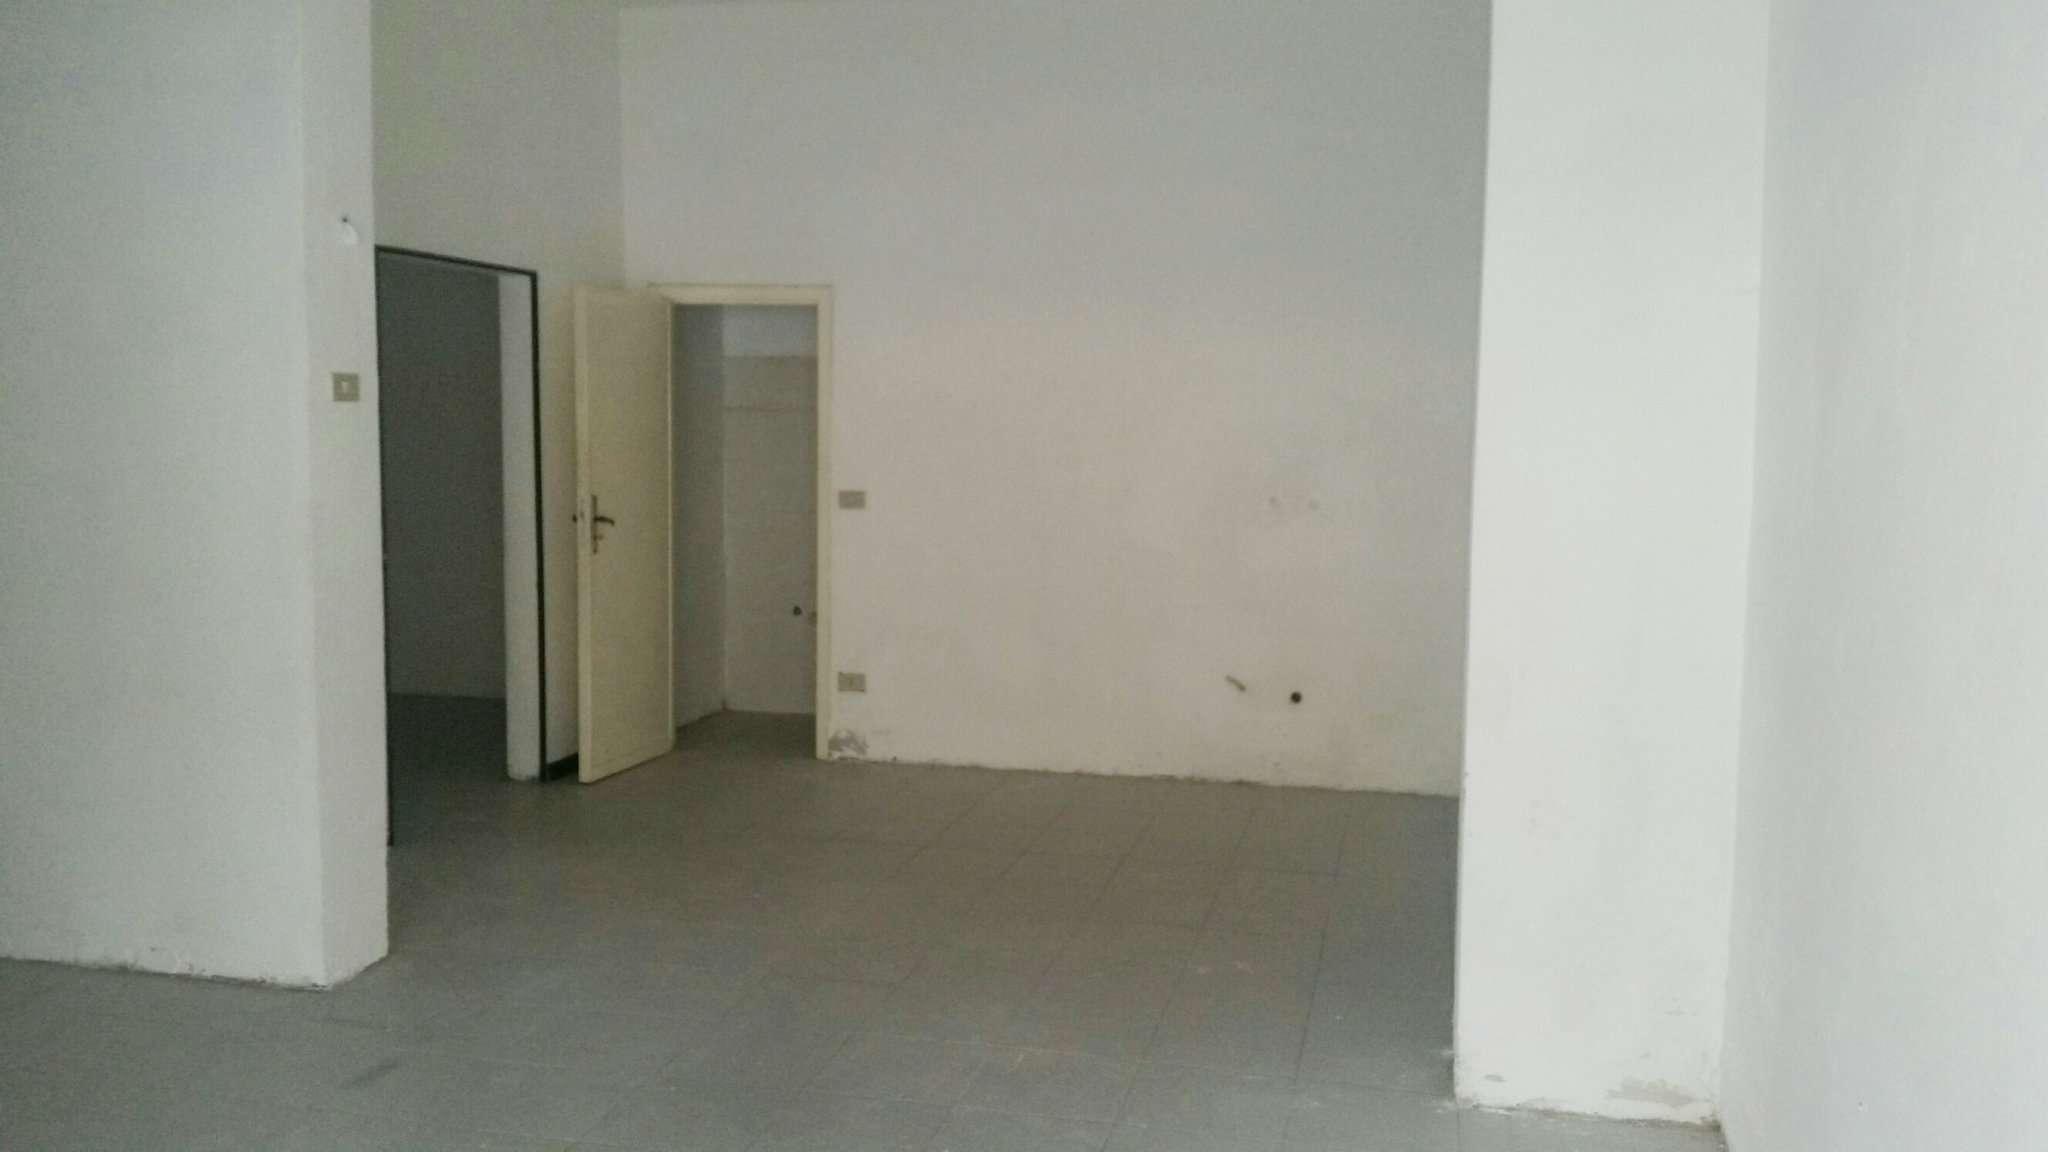 Negozio / Locale in vendita a Rimini, 3 locali, prezzo € 240.000   Cambio Casa.it